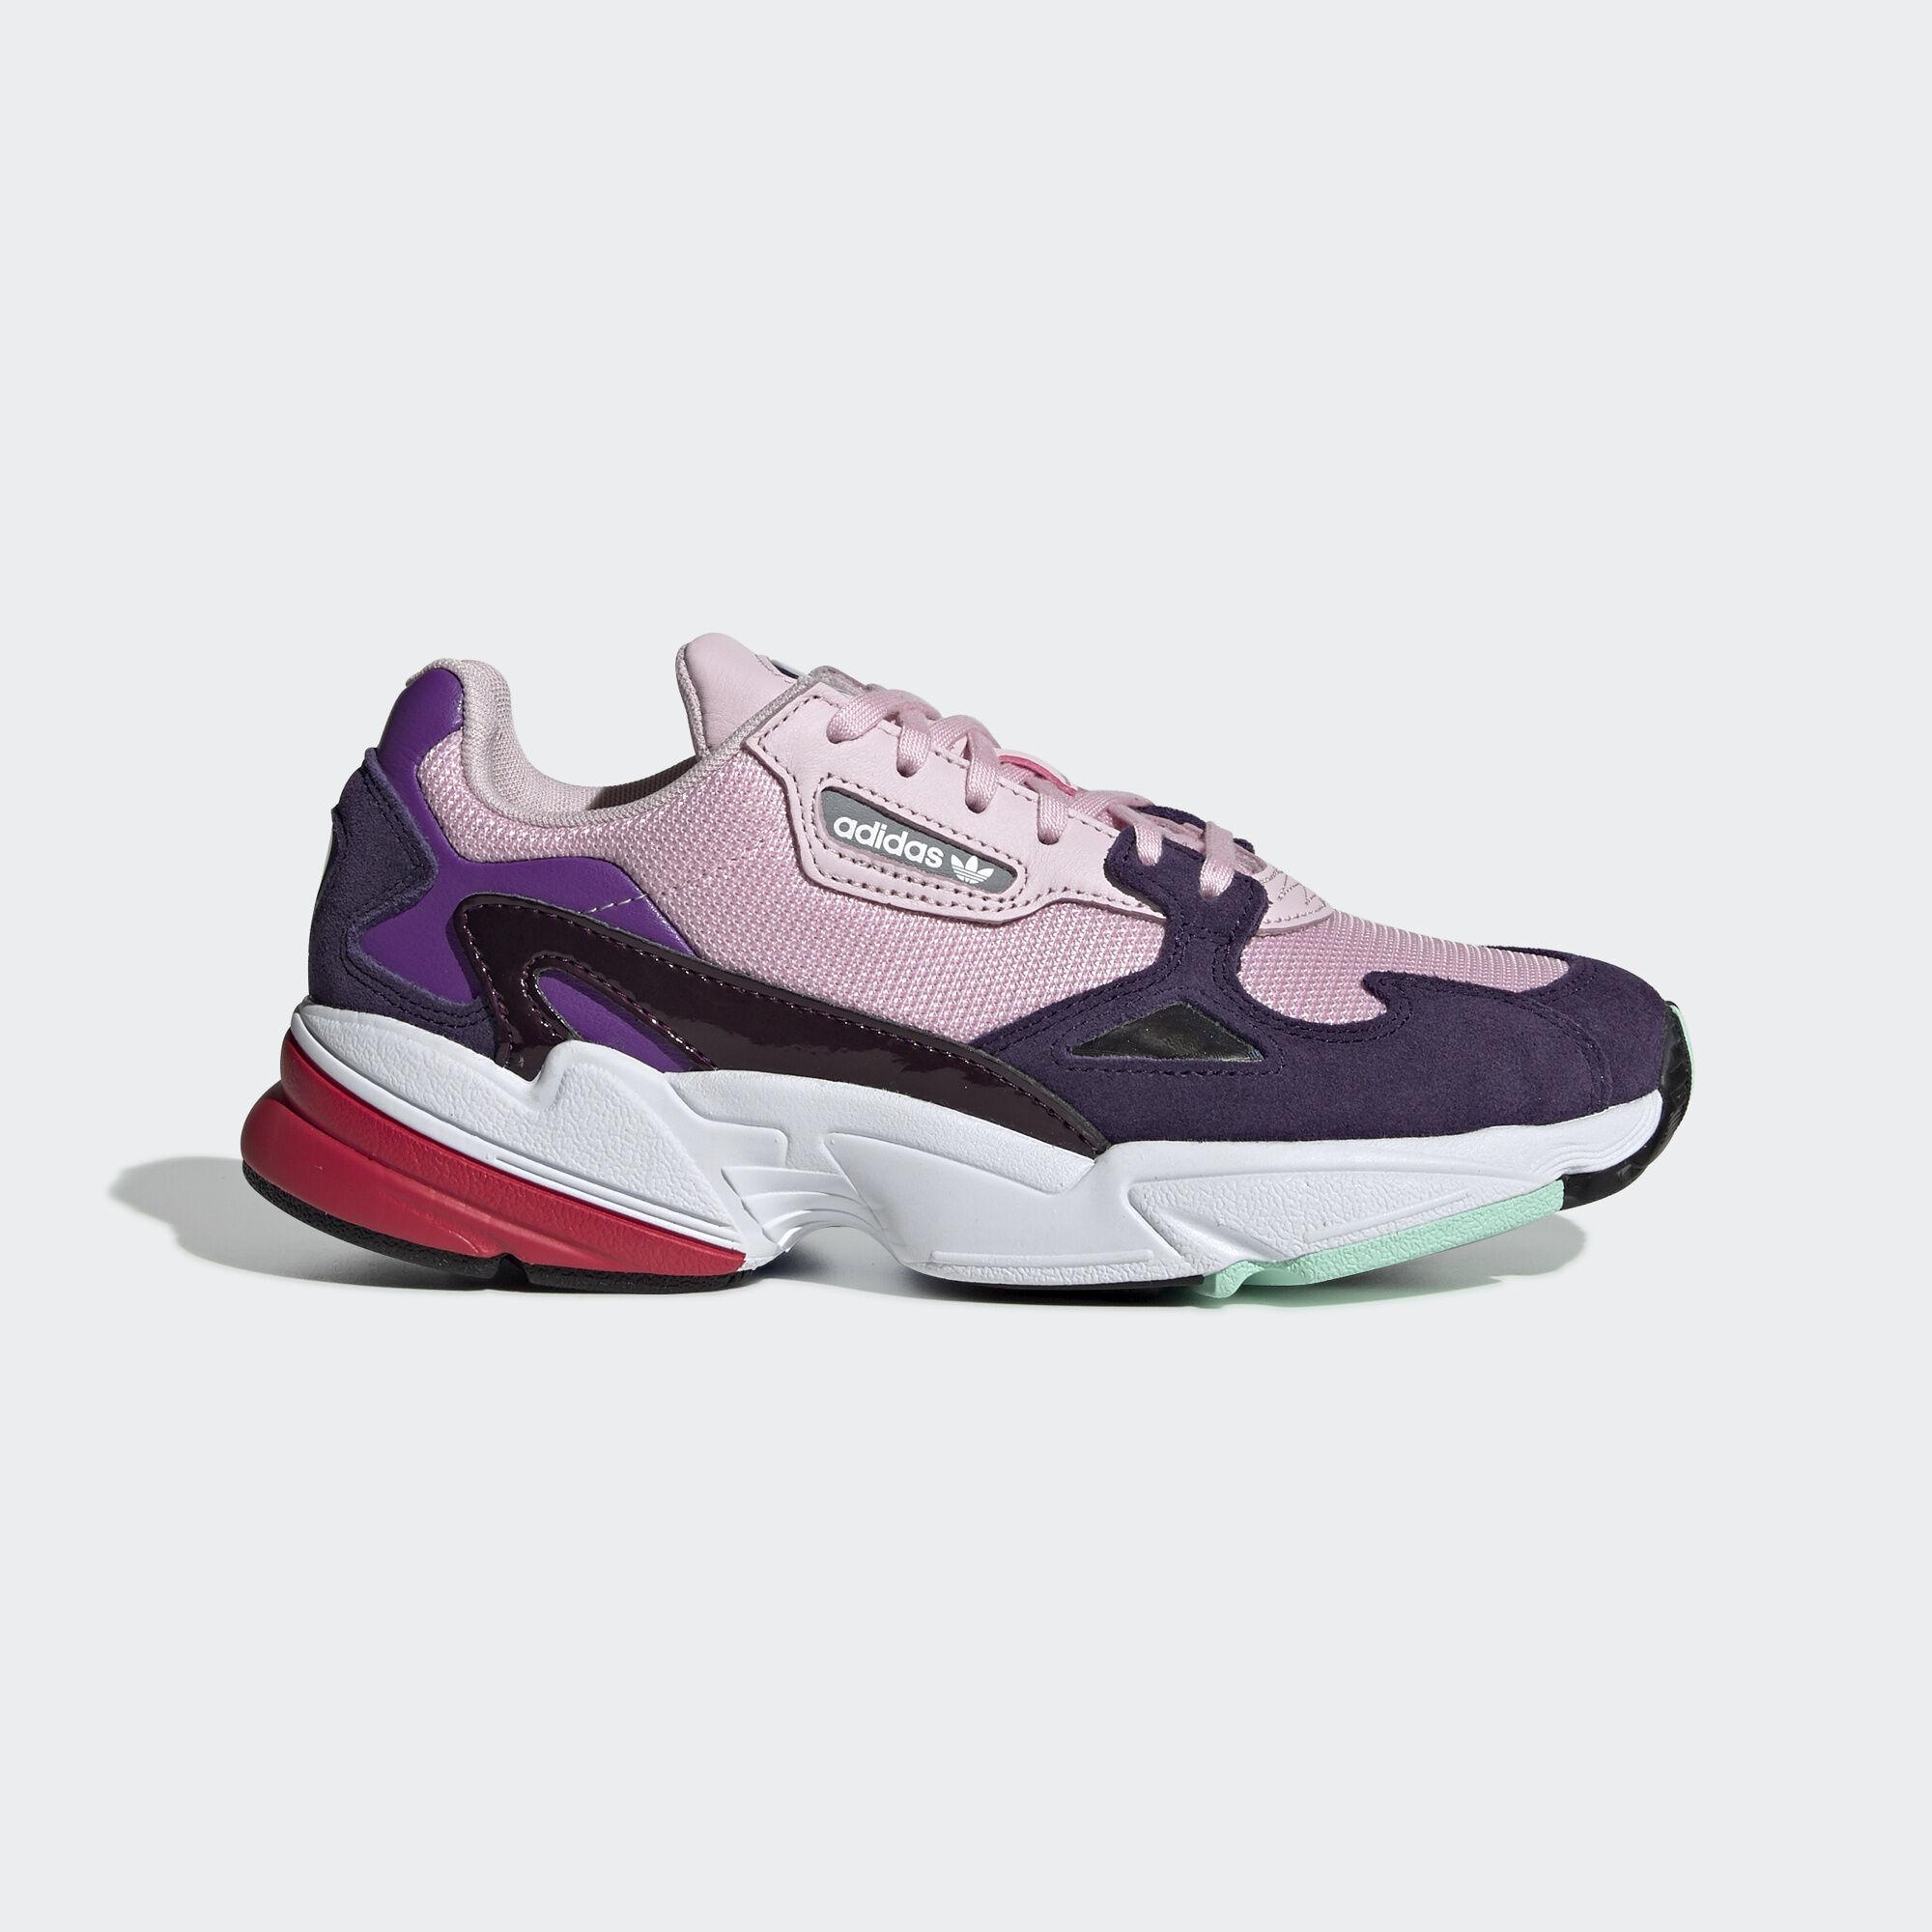 best service 6898e fcff4 adidas - Falcon Shoes Clear Pink  Clear Pink  Legend Purple BD7825. Women  Originals